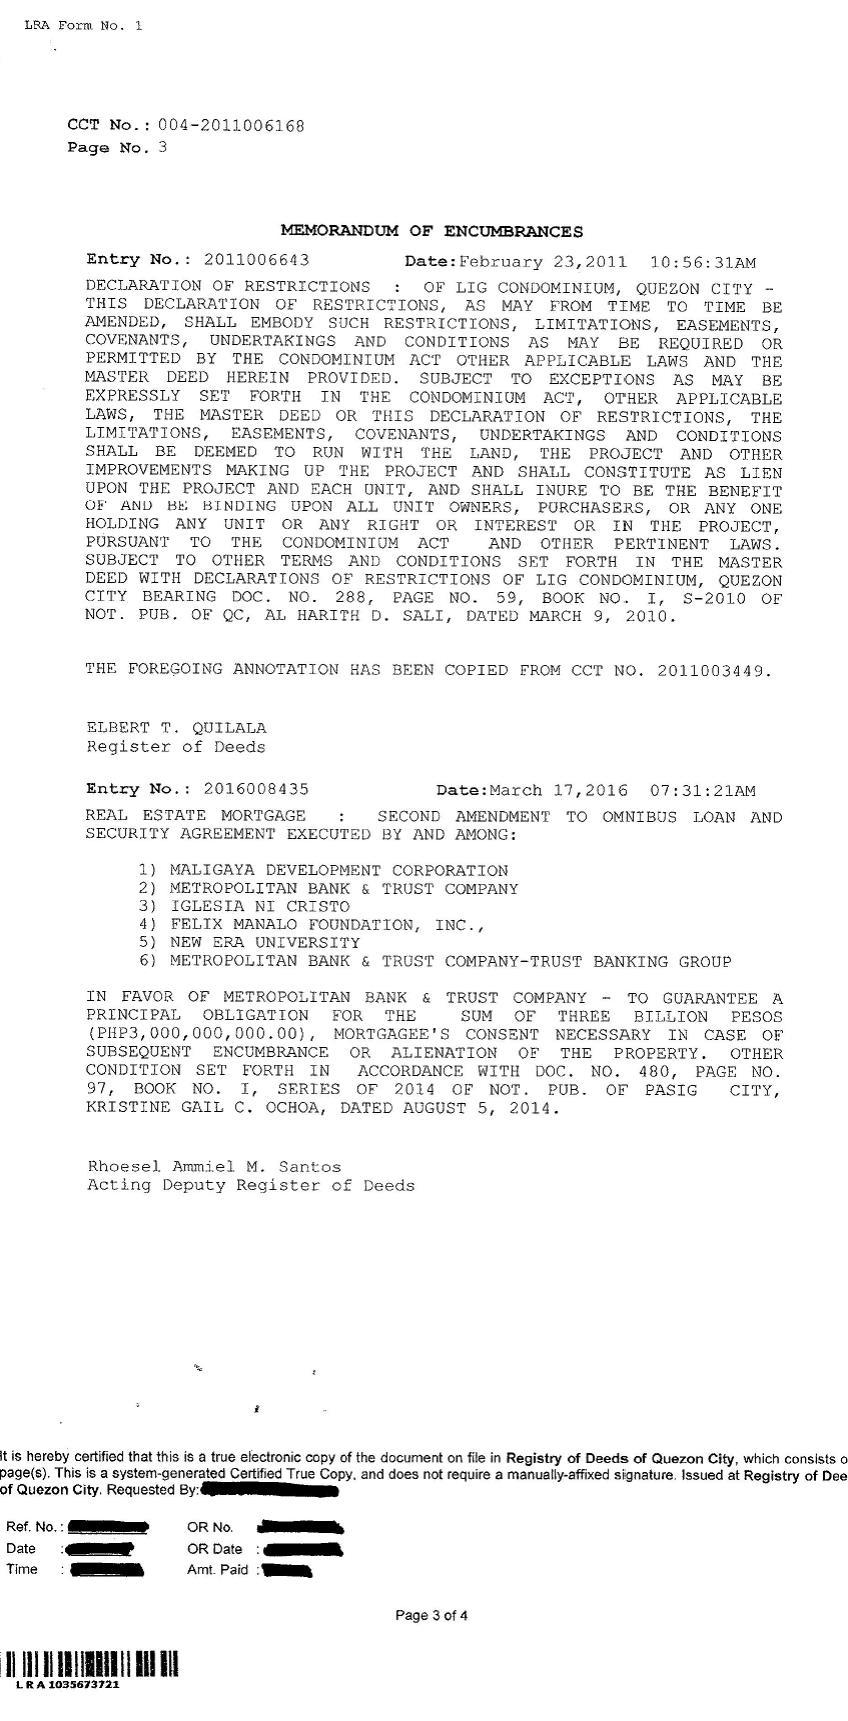 CCT-004-2011006168-encumbrances-page3